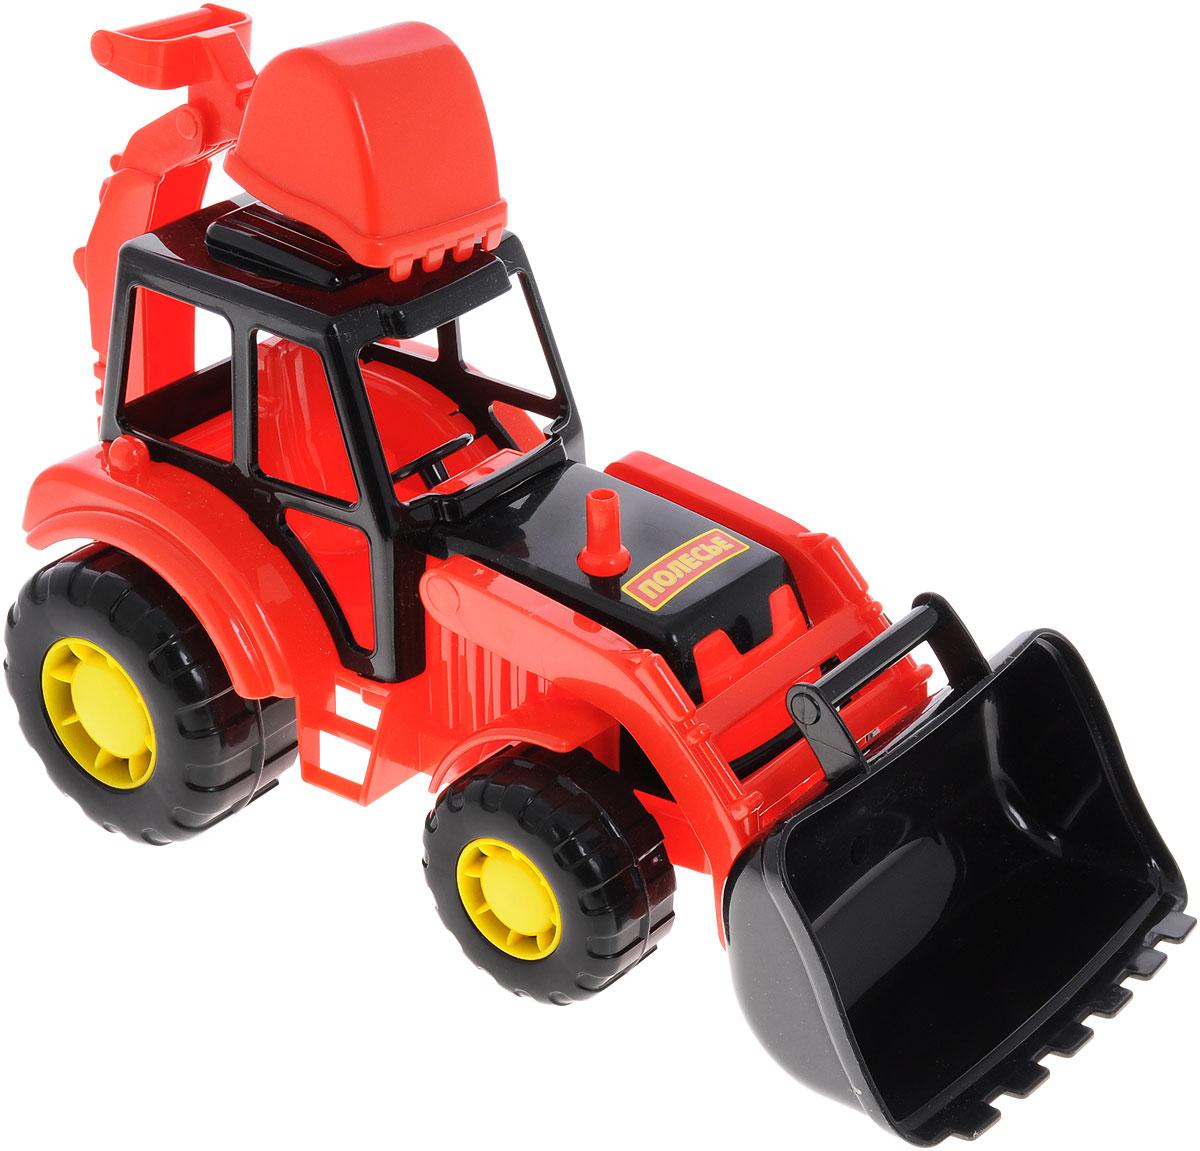 Полесье Трактор-экскаватор Мастер цвет красный tomy трактор john deere 6830 с двойными колесами и фронтальным погрузчиком с 3 лет